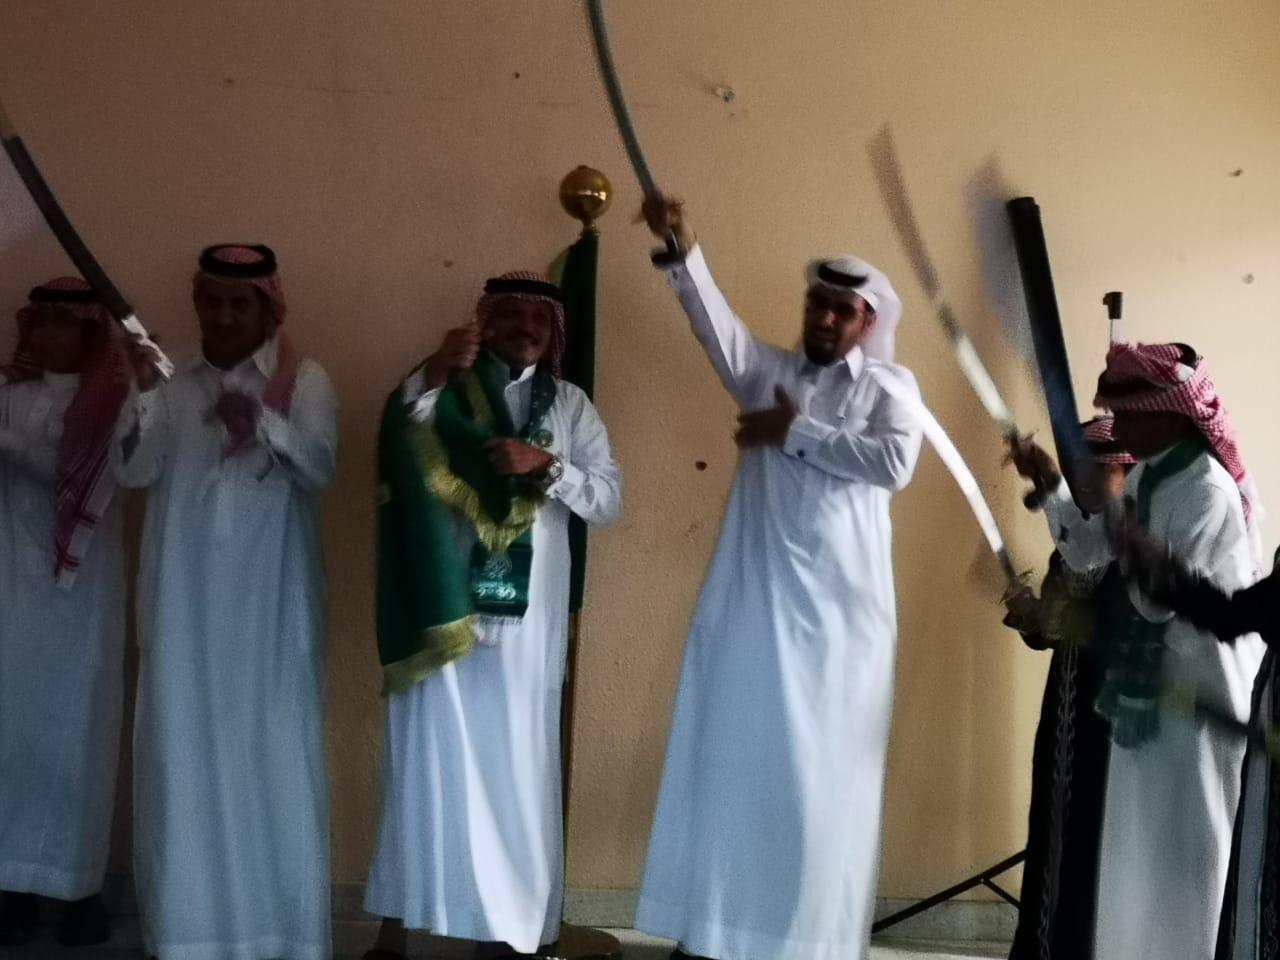 فيديو وصور.. ابتدائية بلاط الشهداء تحتفي بعرس الوطن بالعرضة والشيلات الوطنية - المواطن